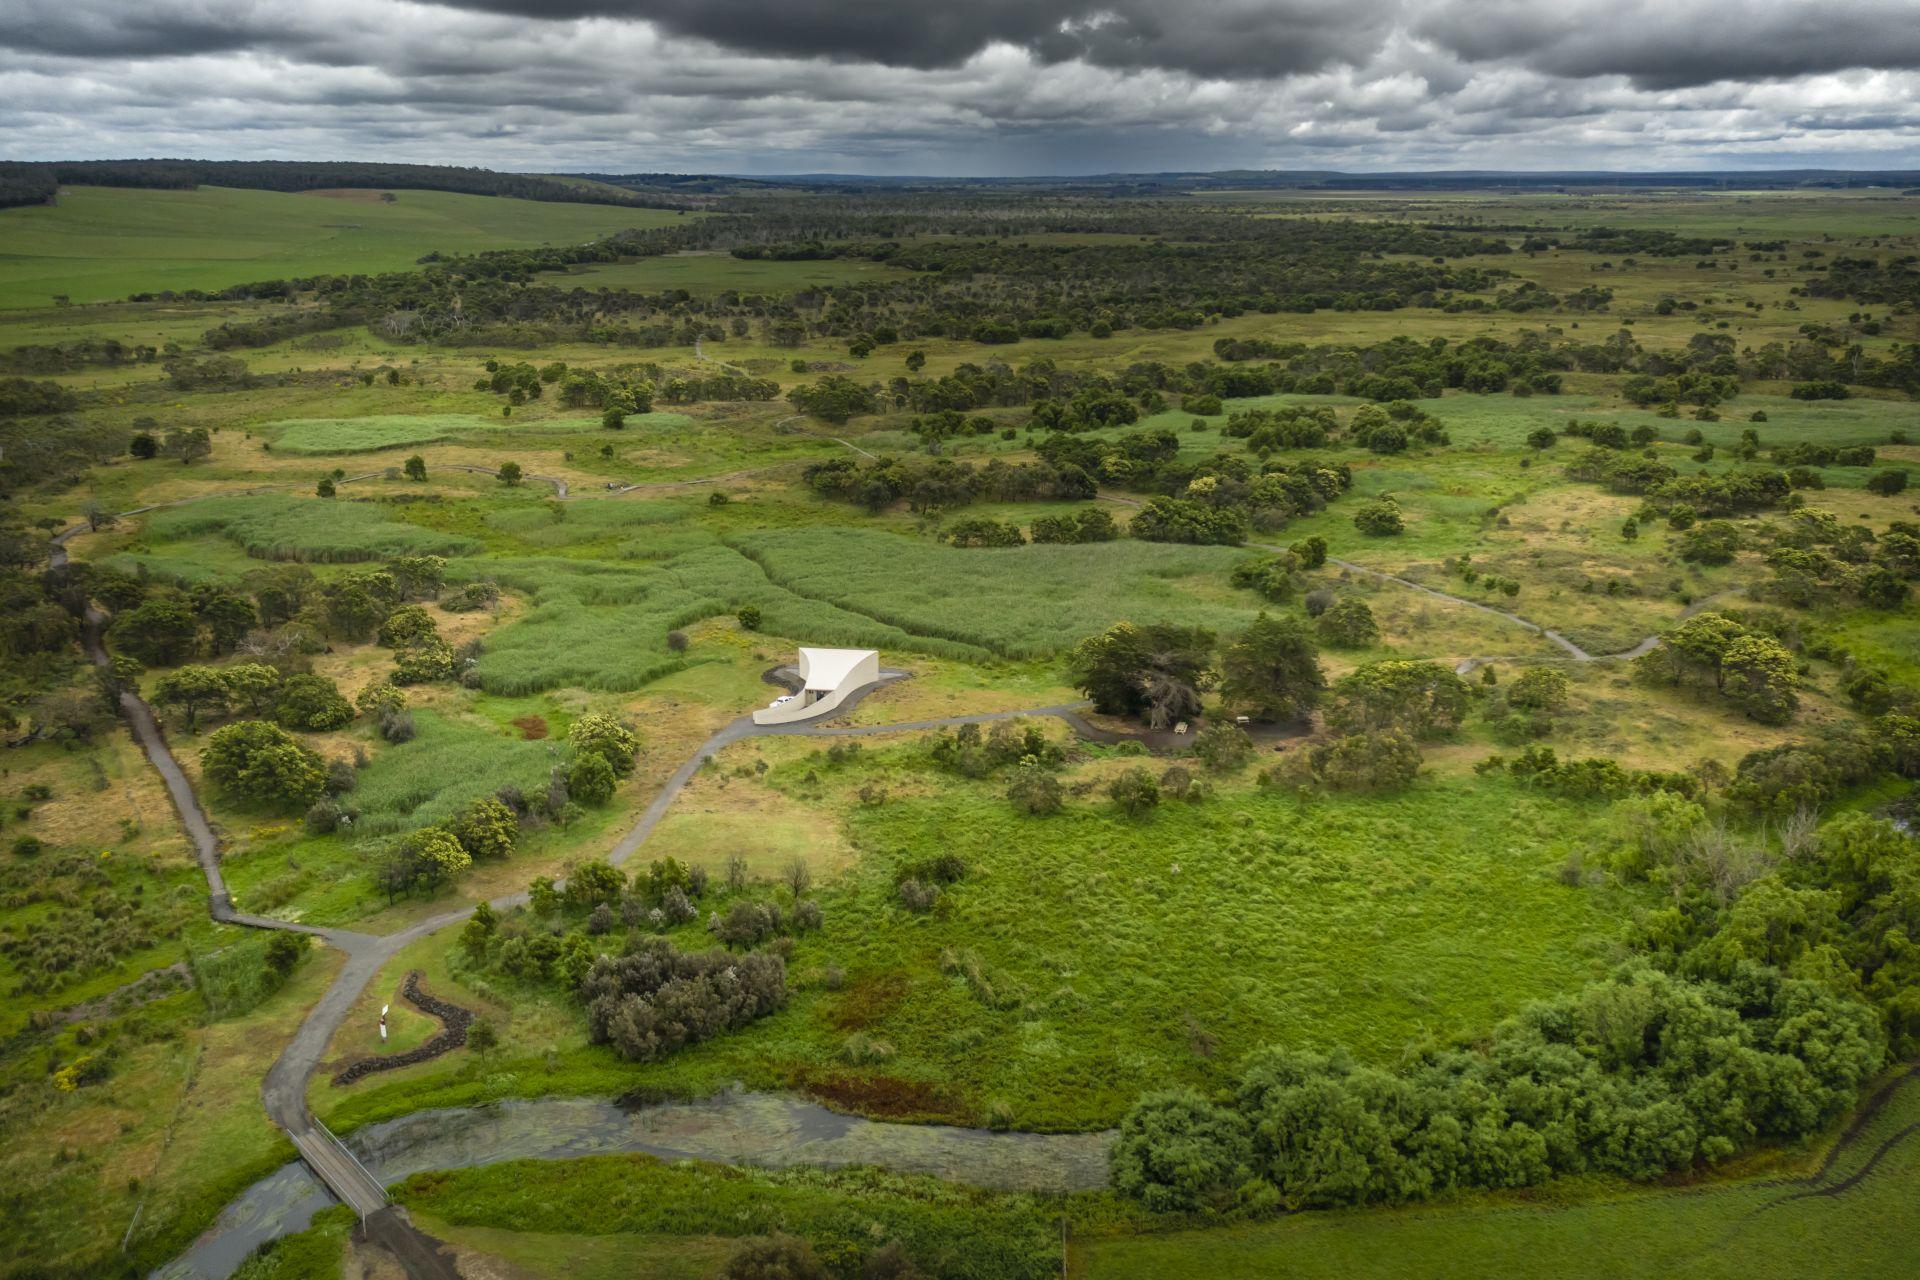 Erste UNESCO Welterbestätte für die Kultur der australischen Ureinwohner:  Budj Bim an der Great Ocean Road zeigt 6.600 Jahre alte Aquakultur